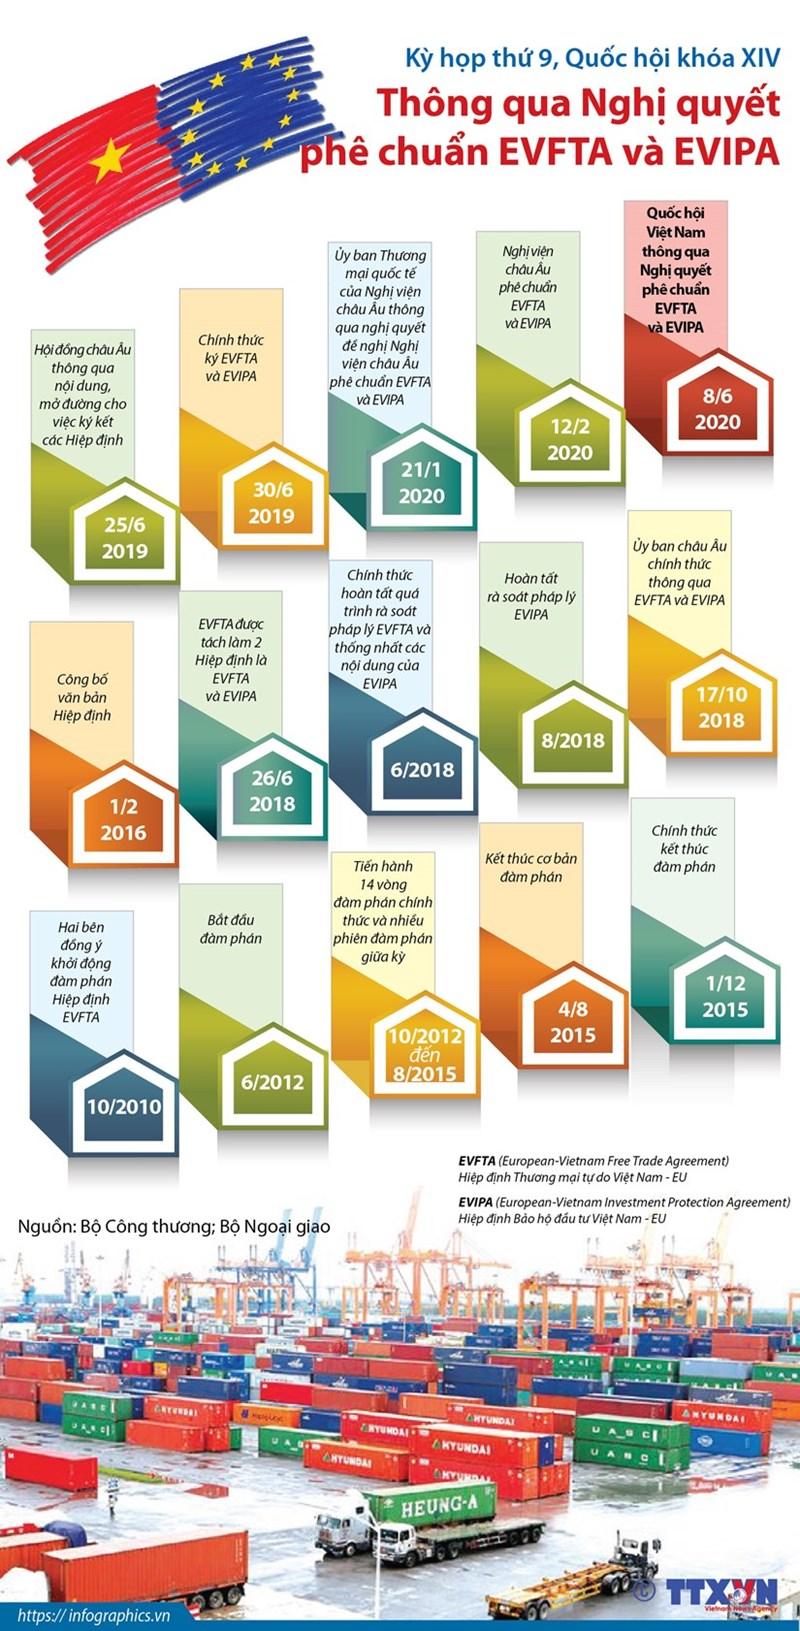 [Infographics] Quốc hội thông qua Nghị quyết phê chuẩn EVFTA và EVIPA - Ảnh 1